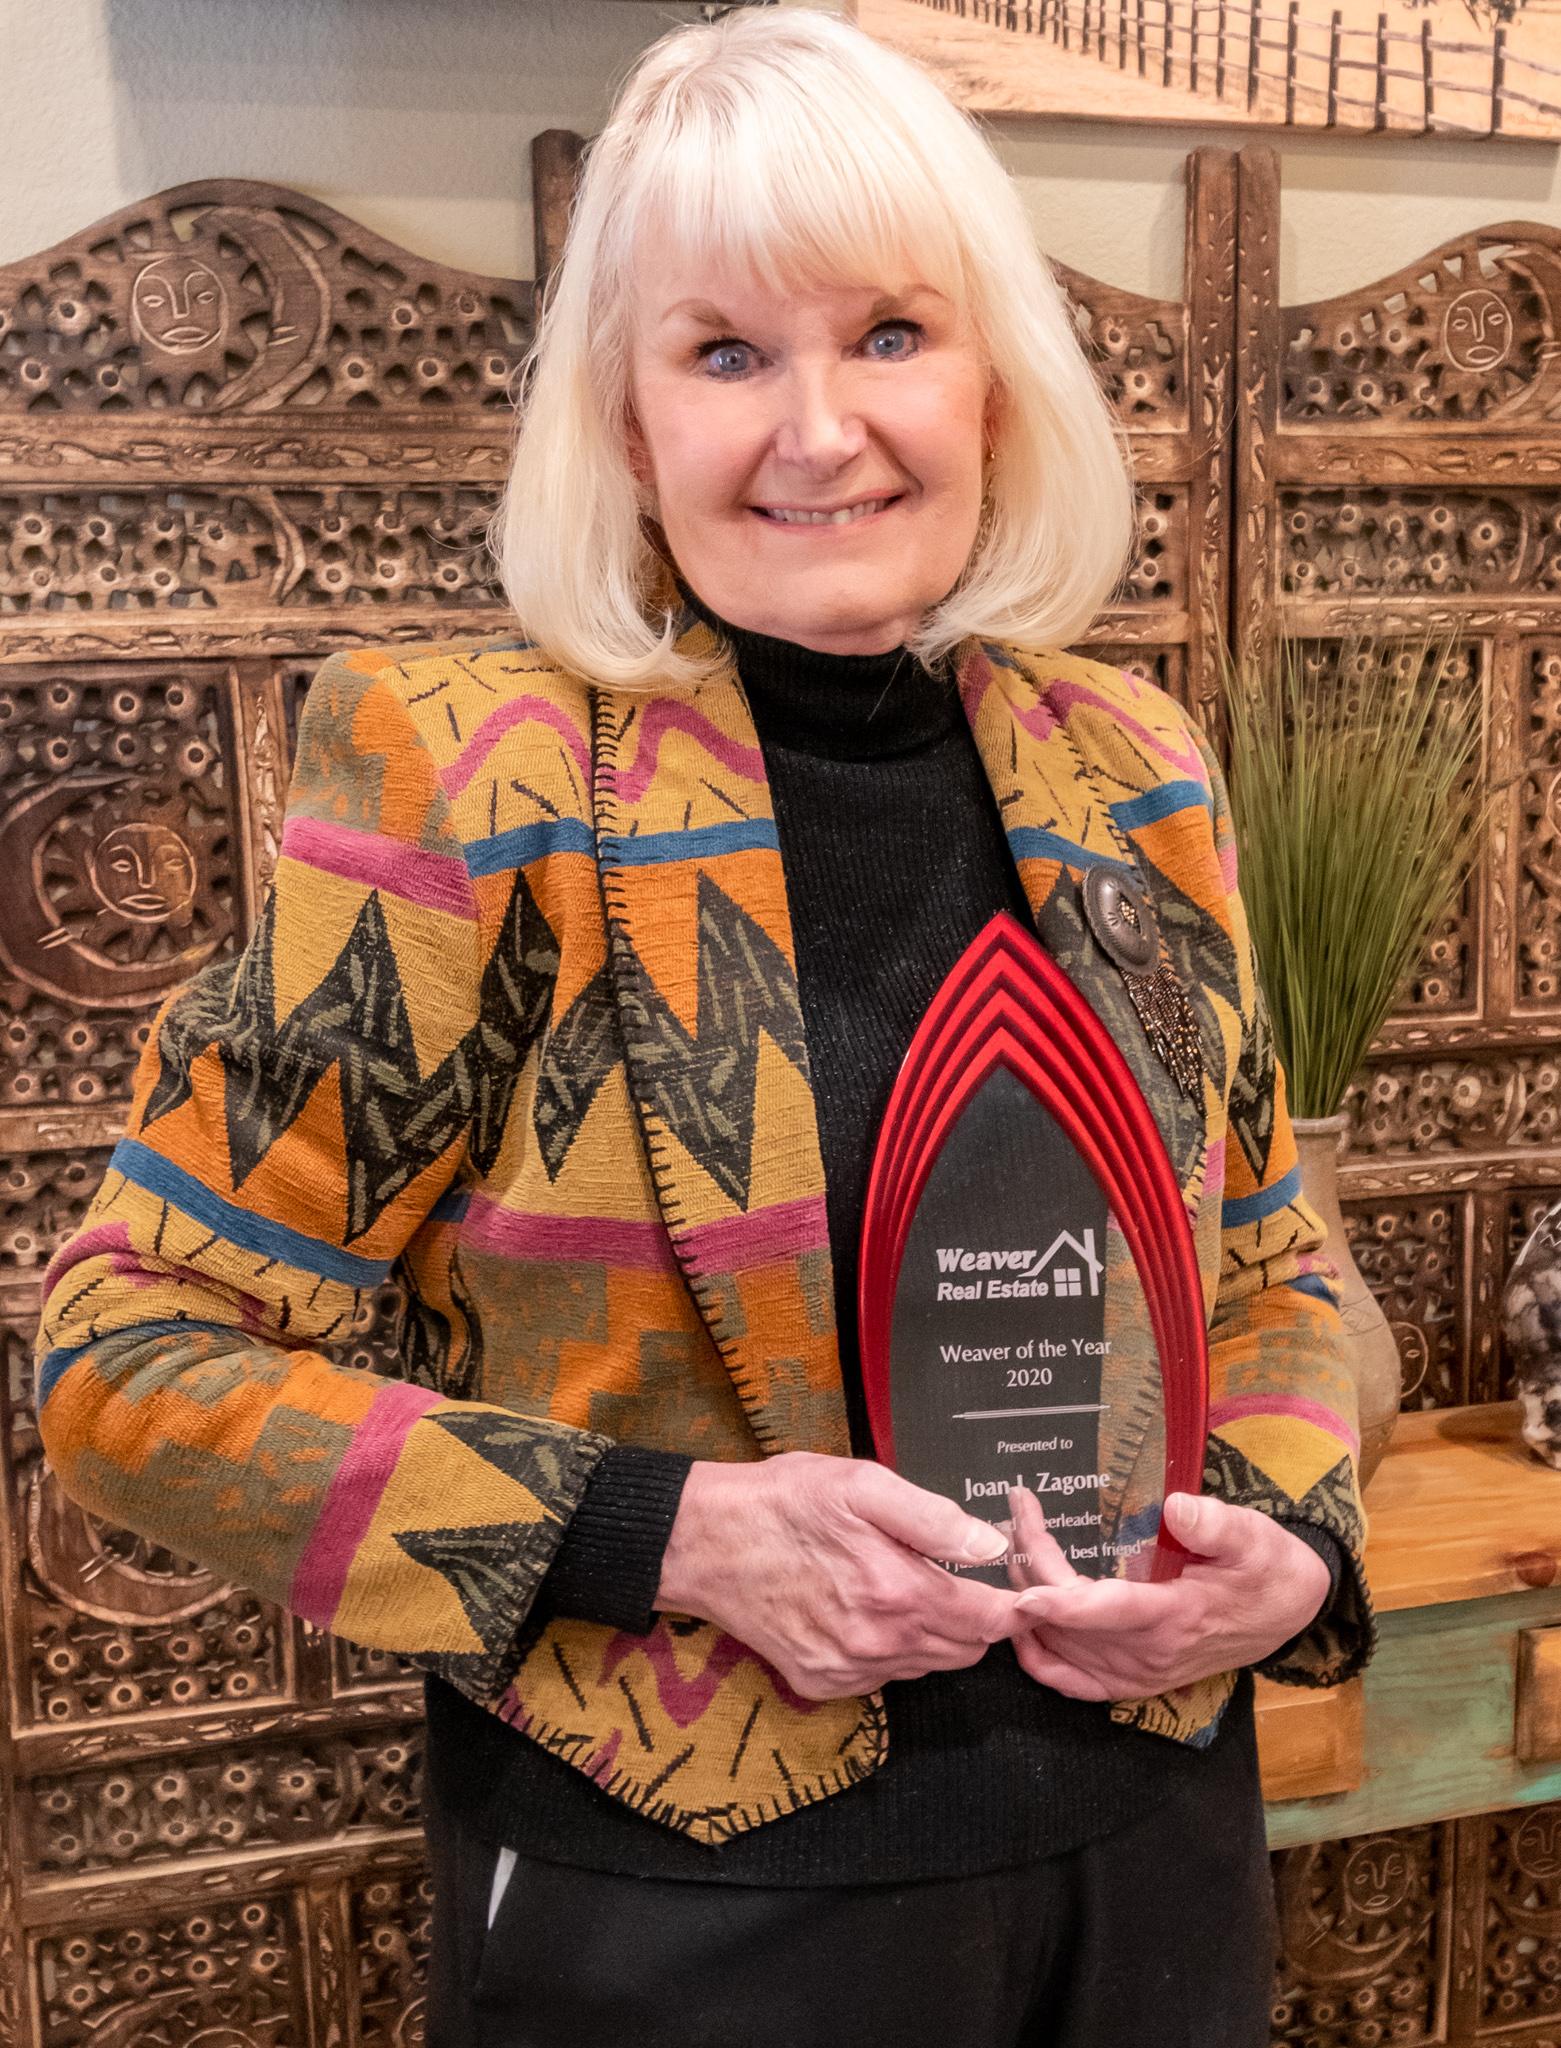 Joan Zagone Weaver of the Year 2020